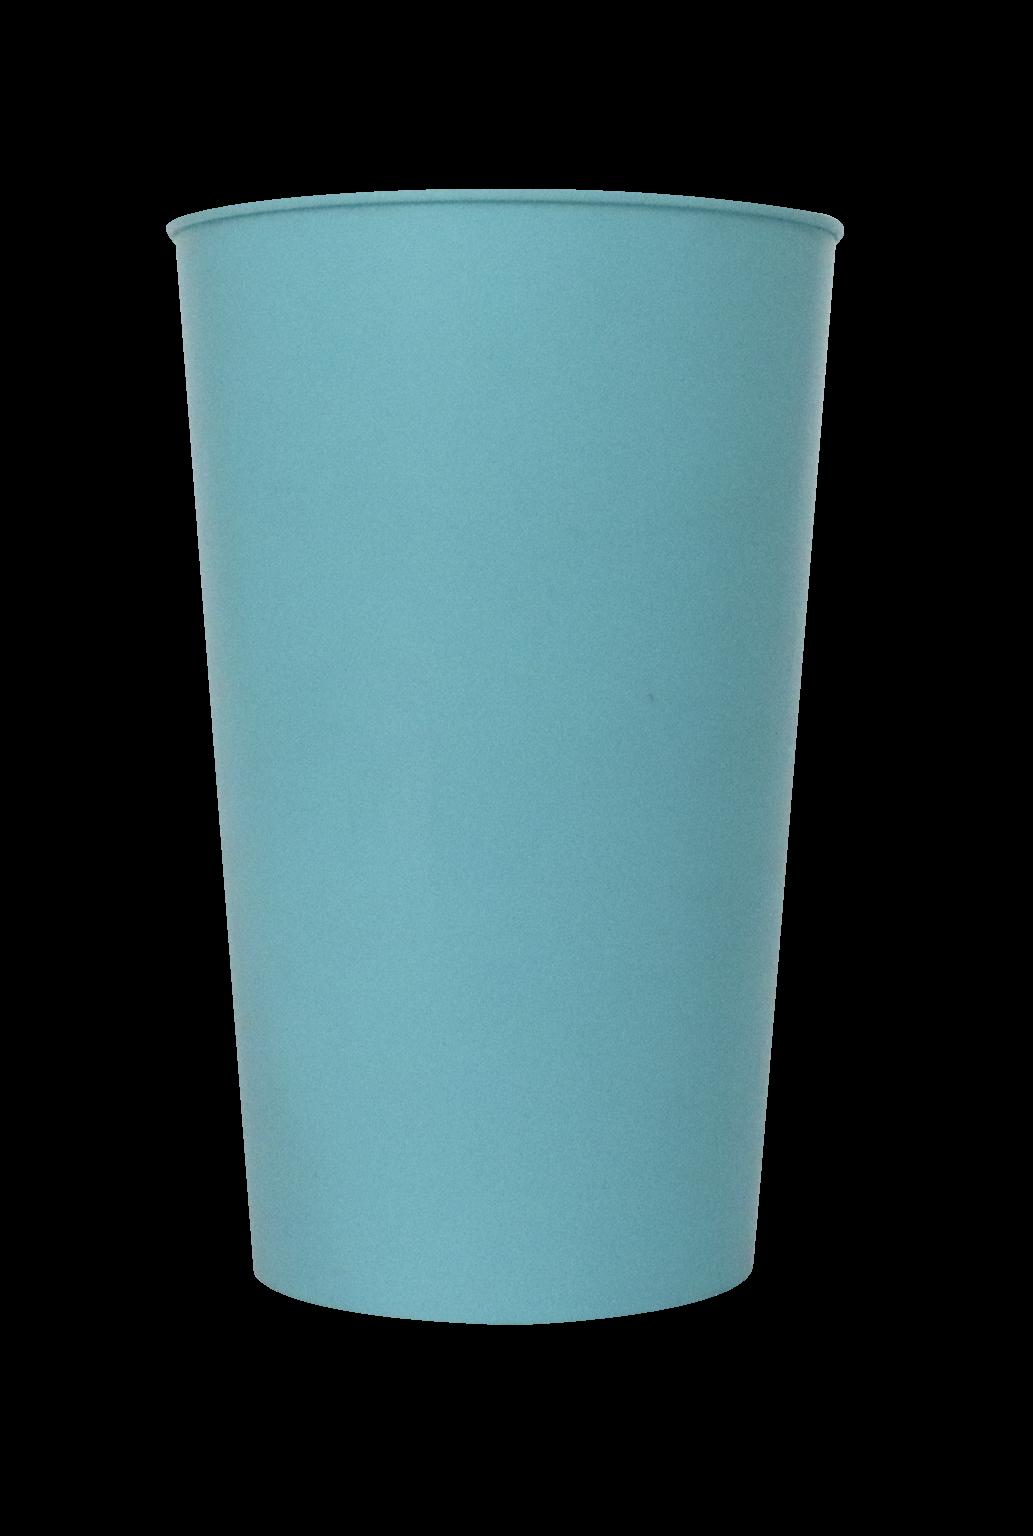 Copo Label 550ml - Hello Summer e Flamingo - Copo azul tiffany liso